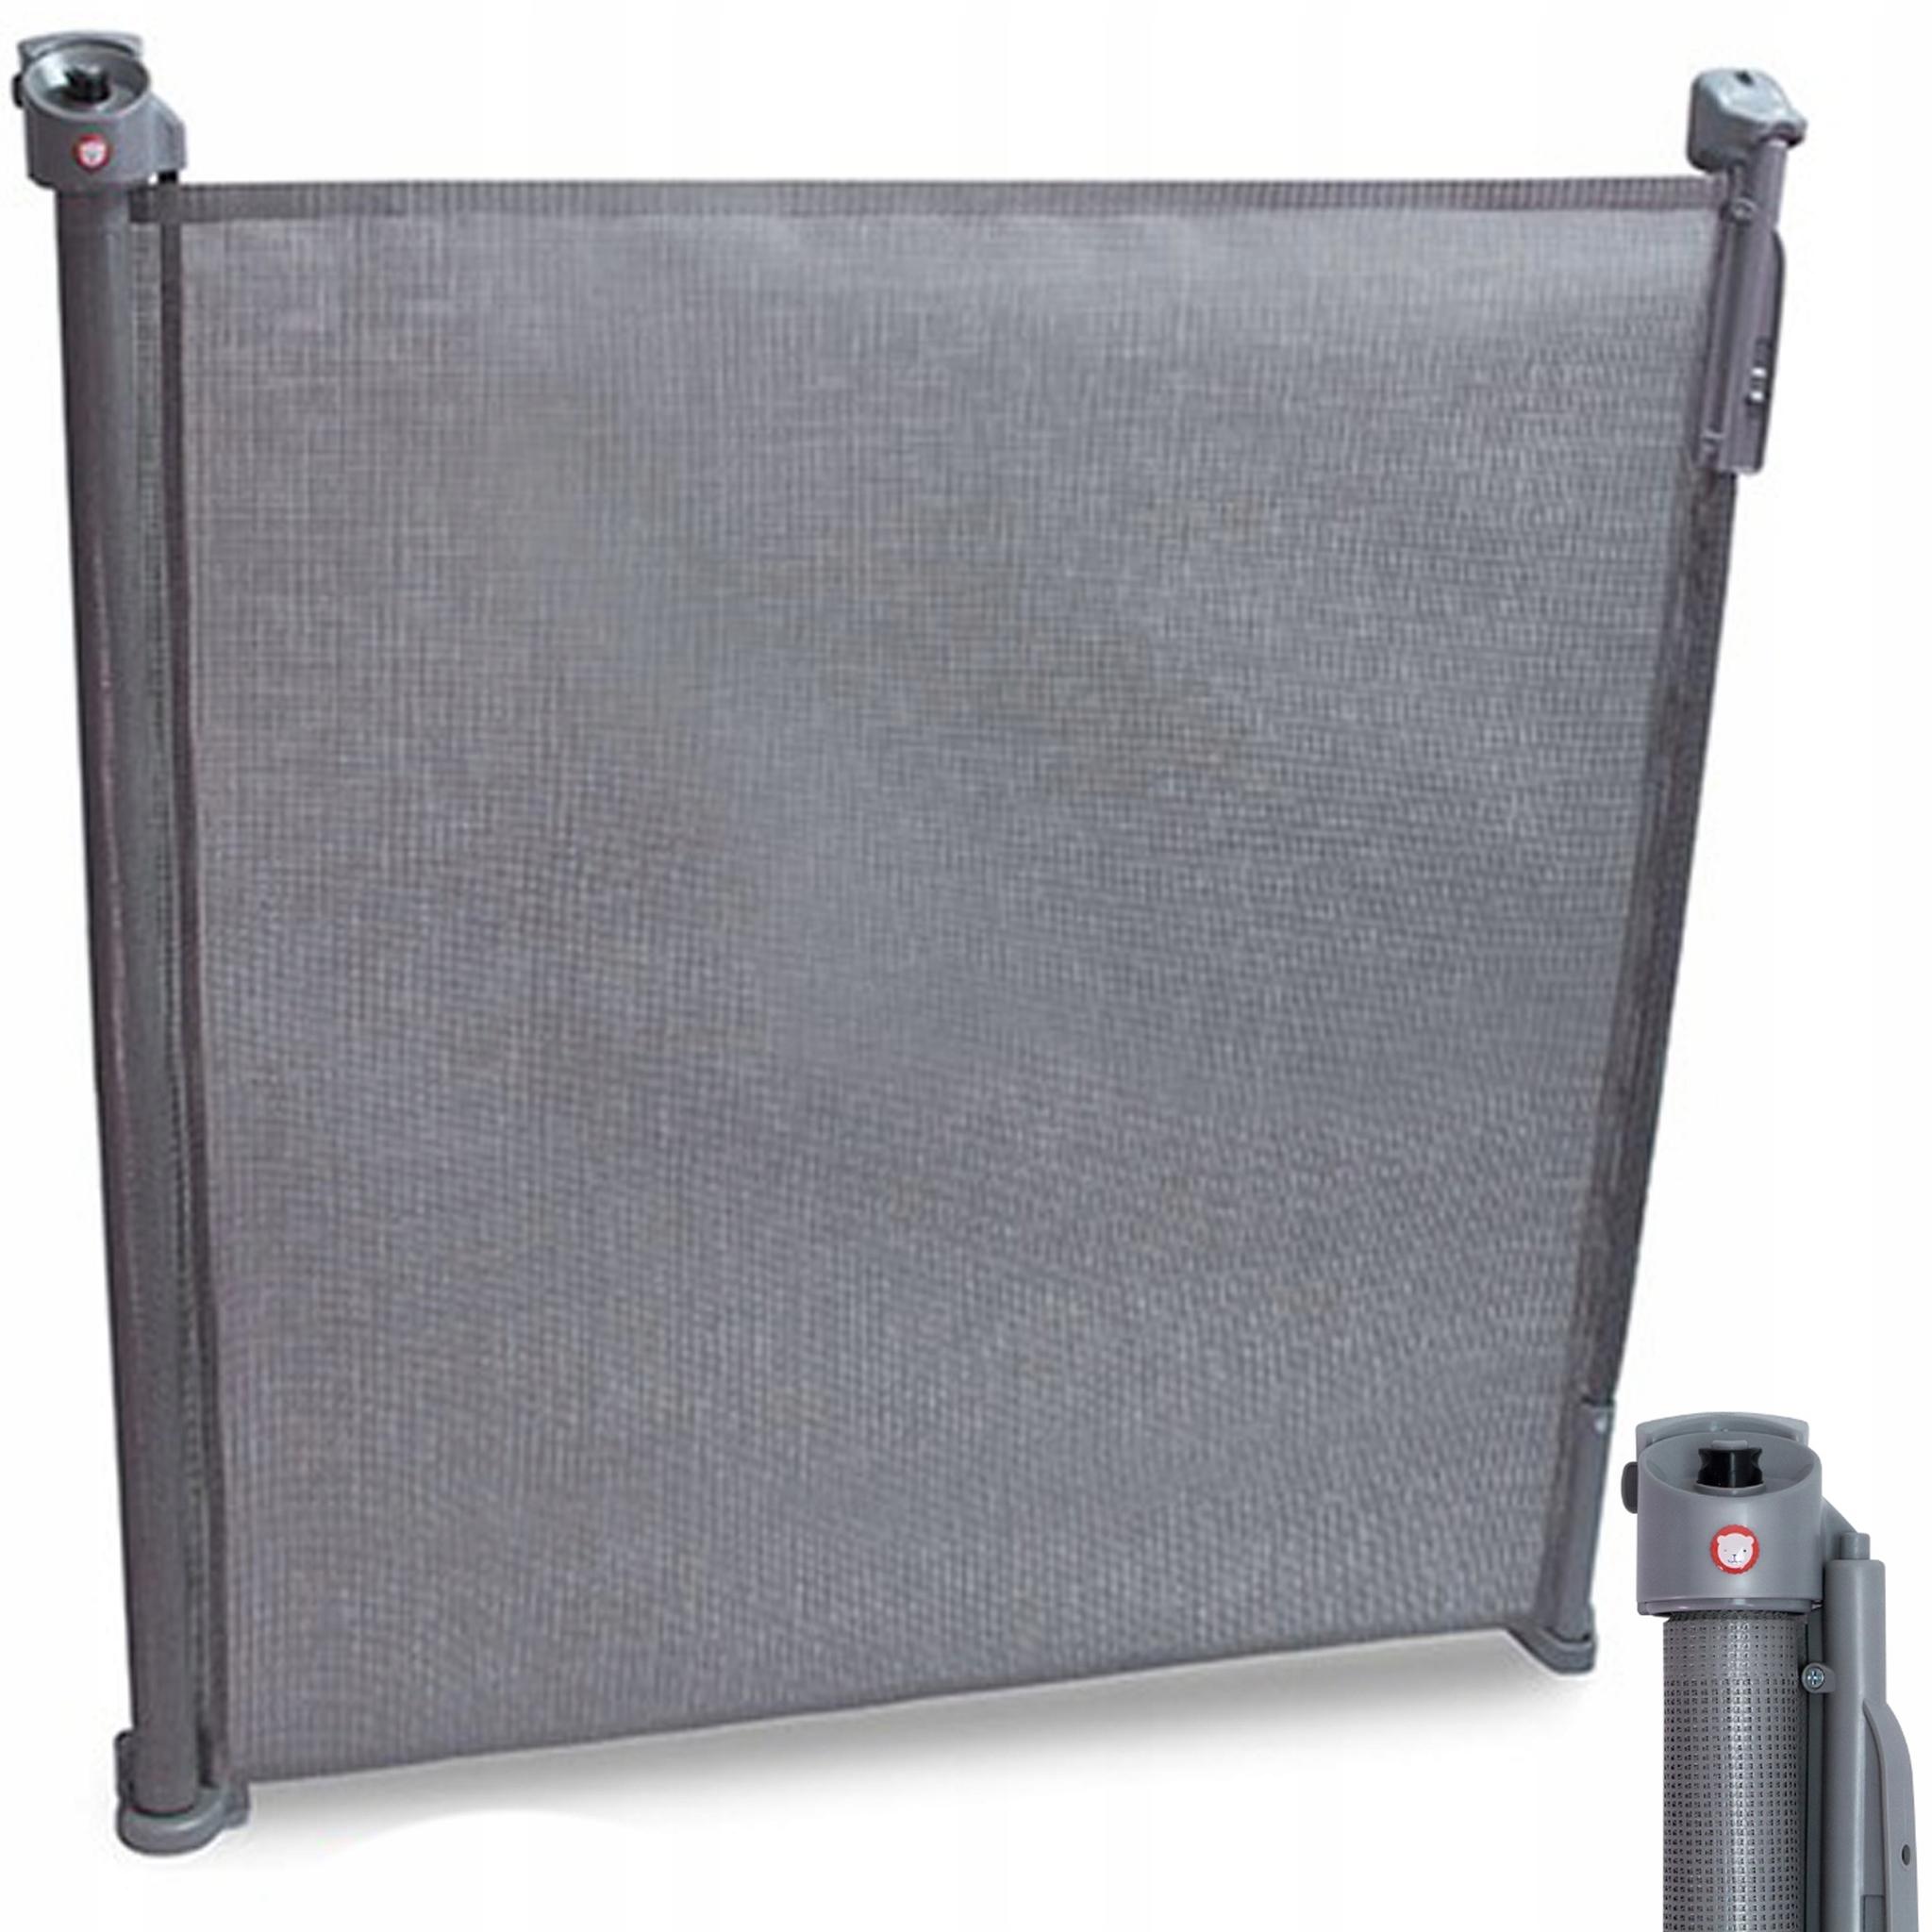 Ворота безопасности Lionelo  LO-Tulia Grey до 140 см  уценка